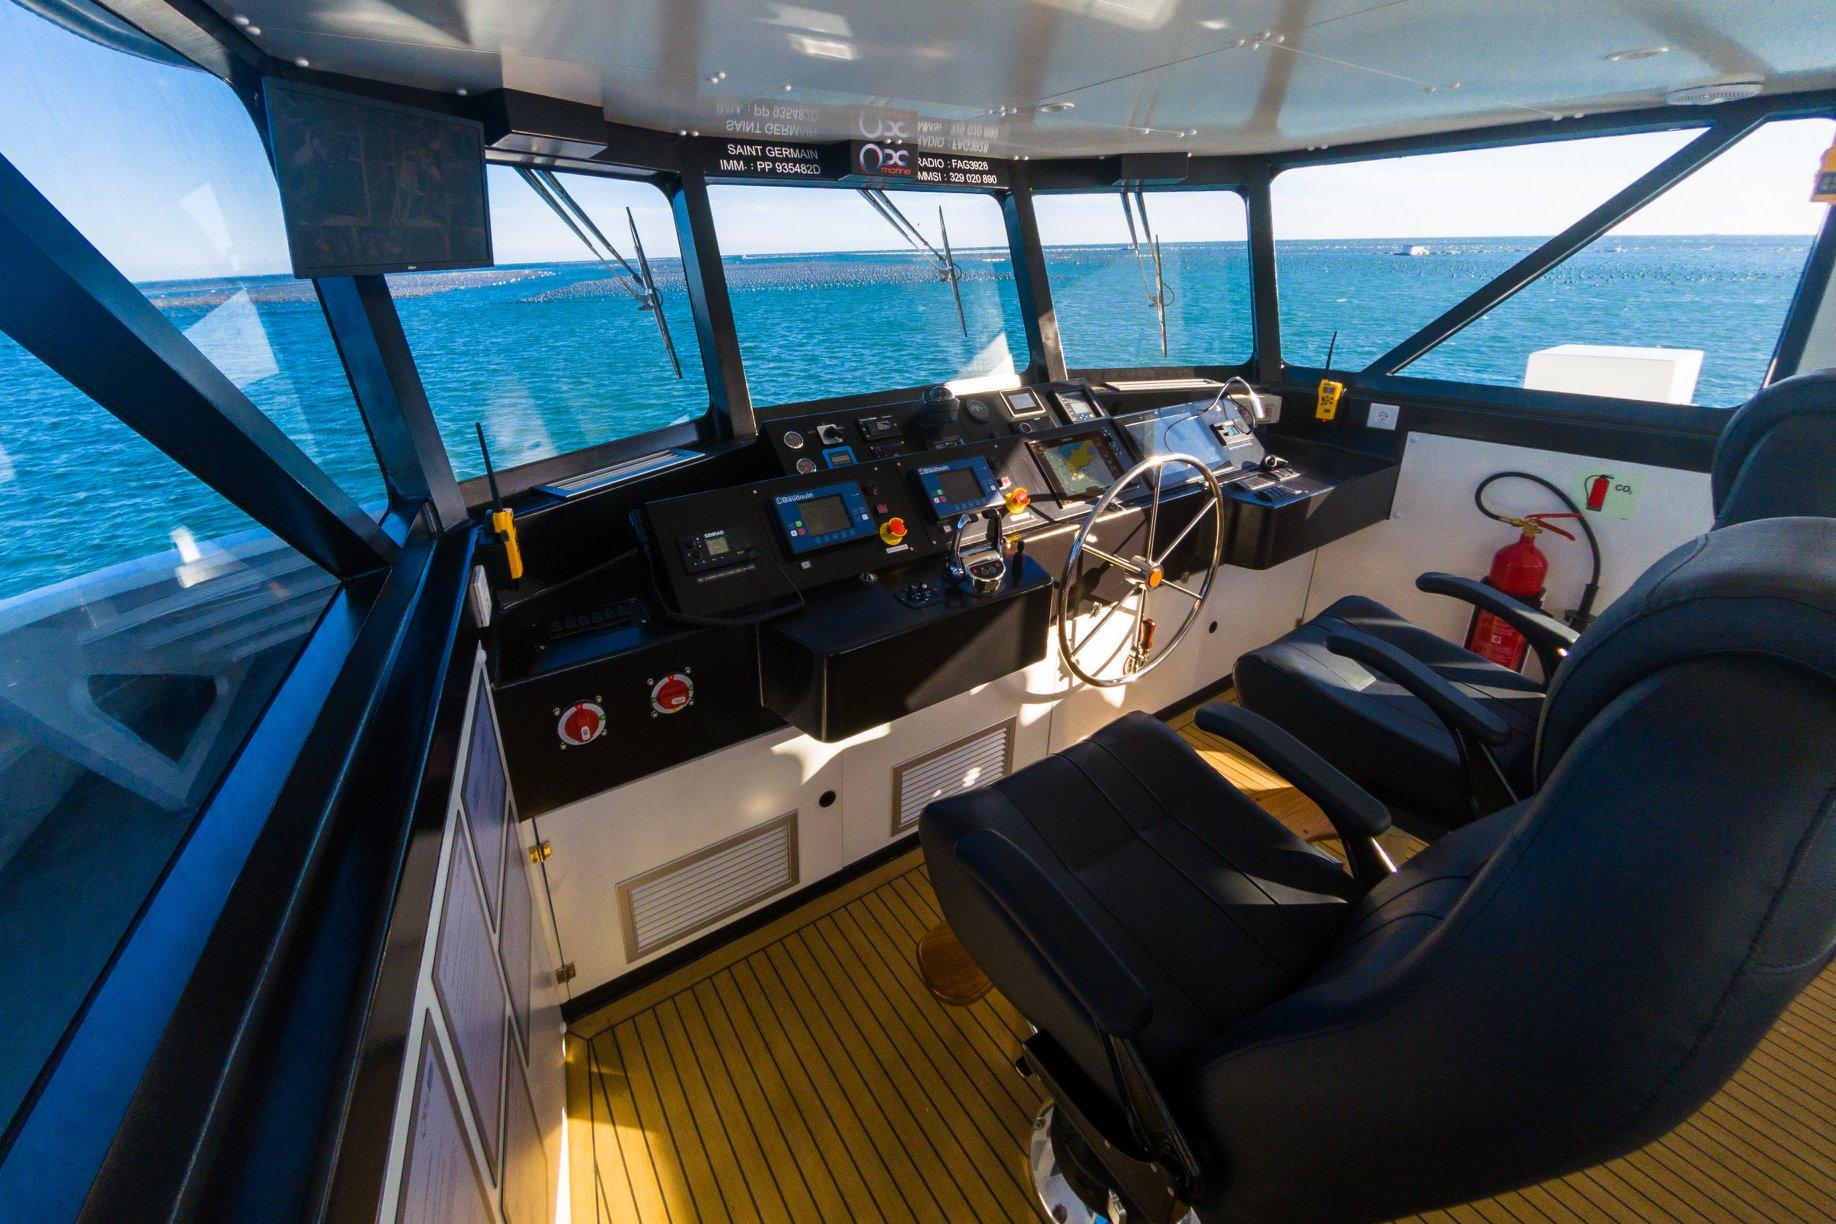 ODC Marine s'associe à Marinelec pour la supervision de ses systèmes de propulsion électrique